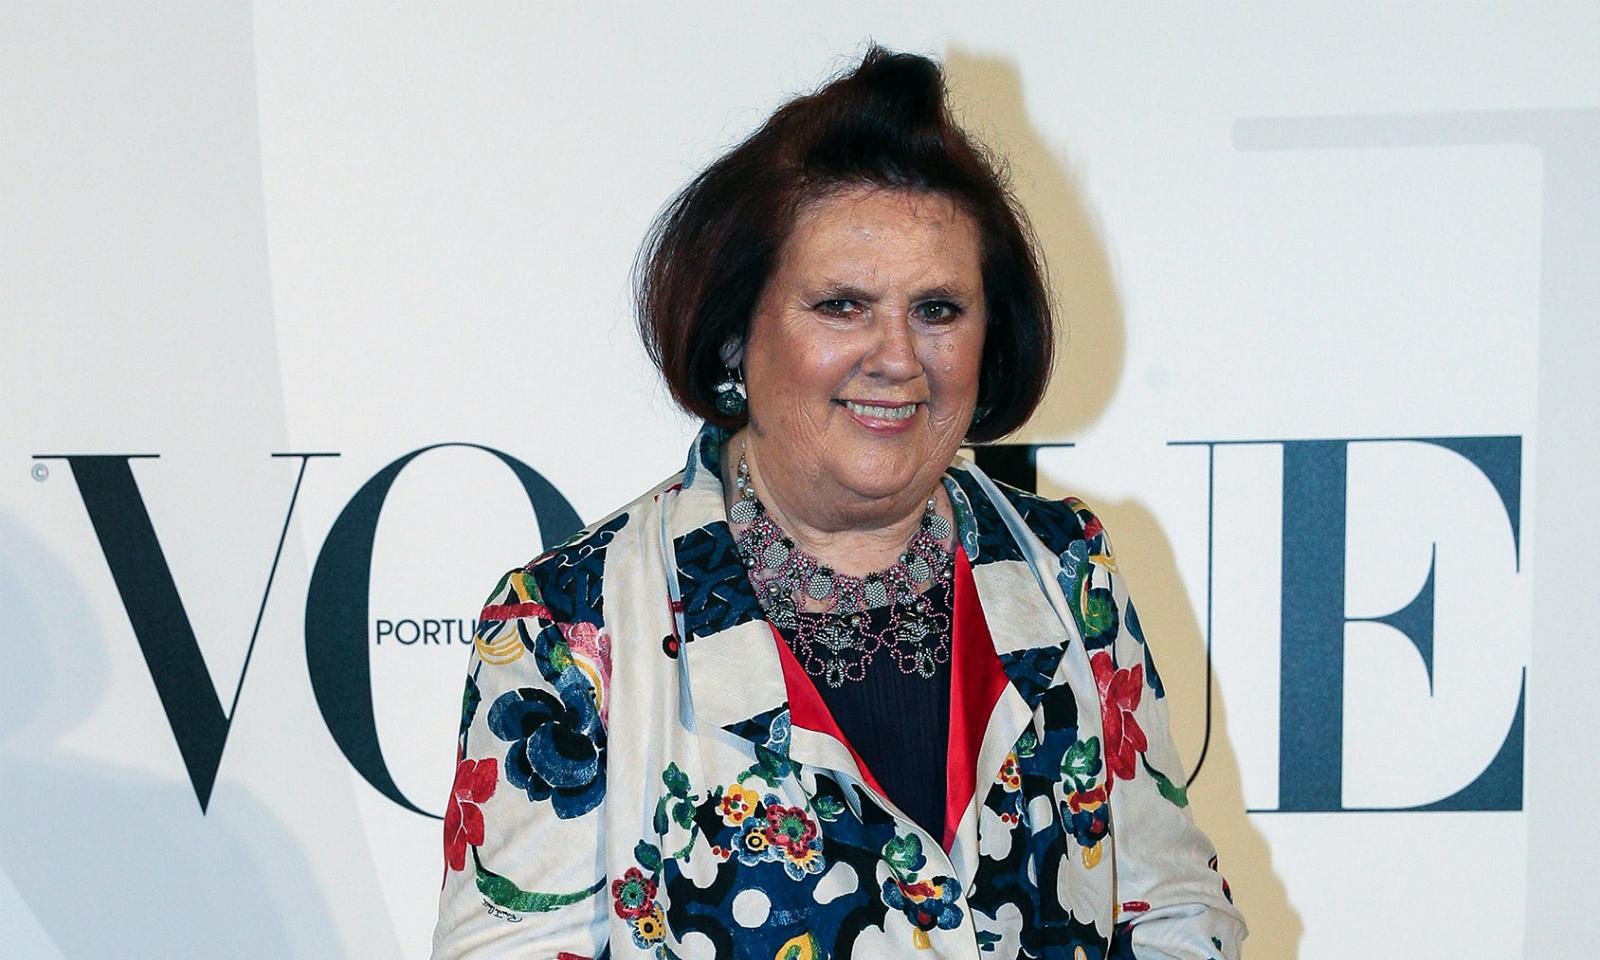 知名时装评论人 Suzy Menkes 将从康泰纳仕离职